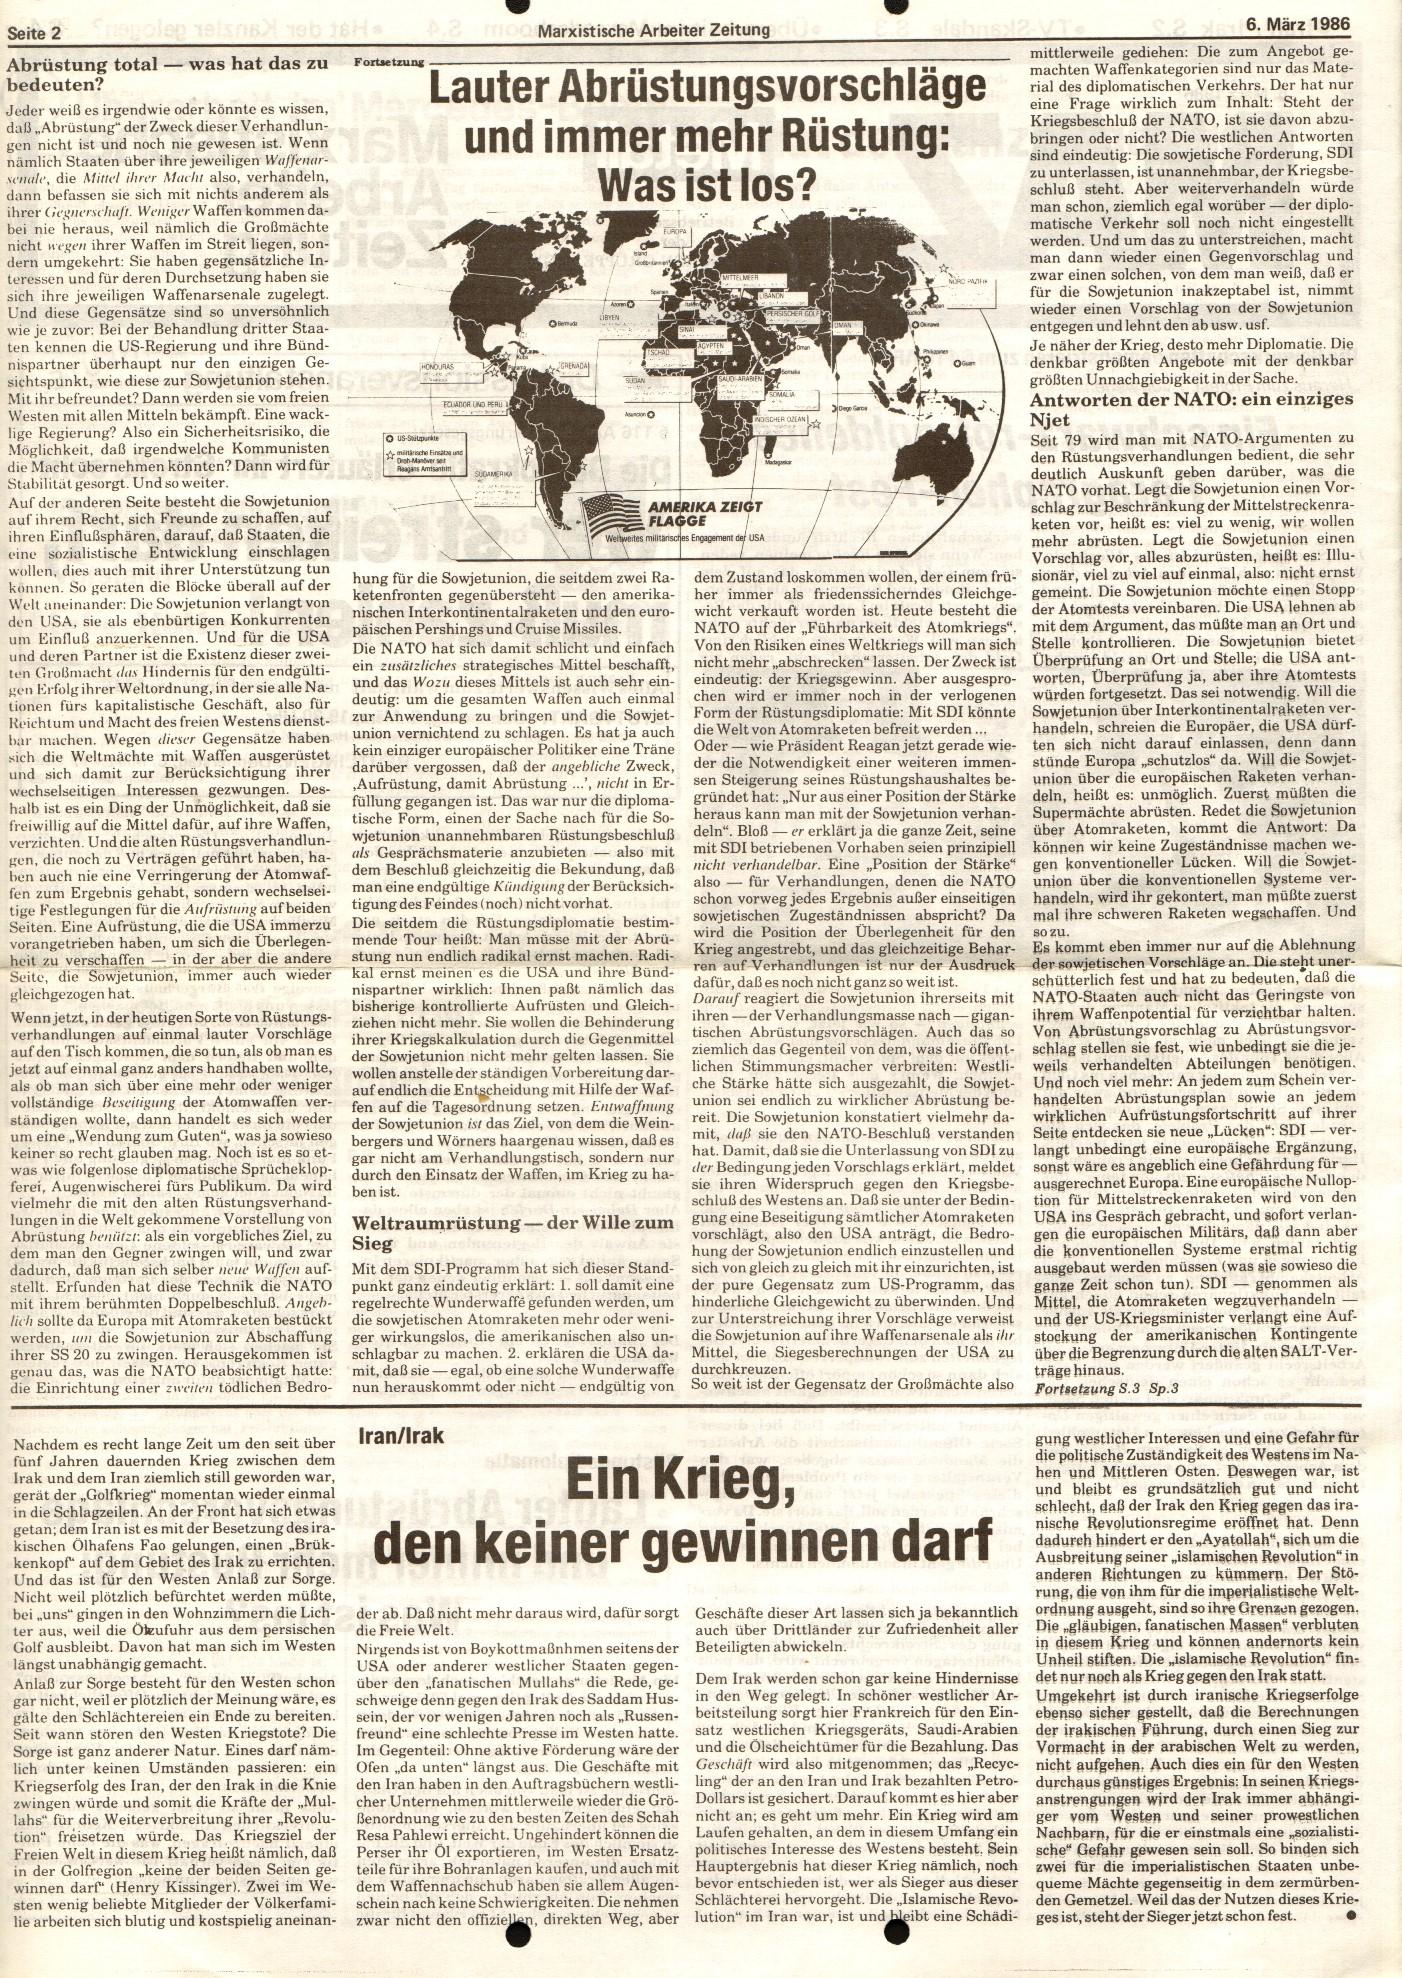 BW_MG_Marxistische_Arbeiterzeitung_19860306_02